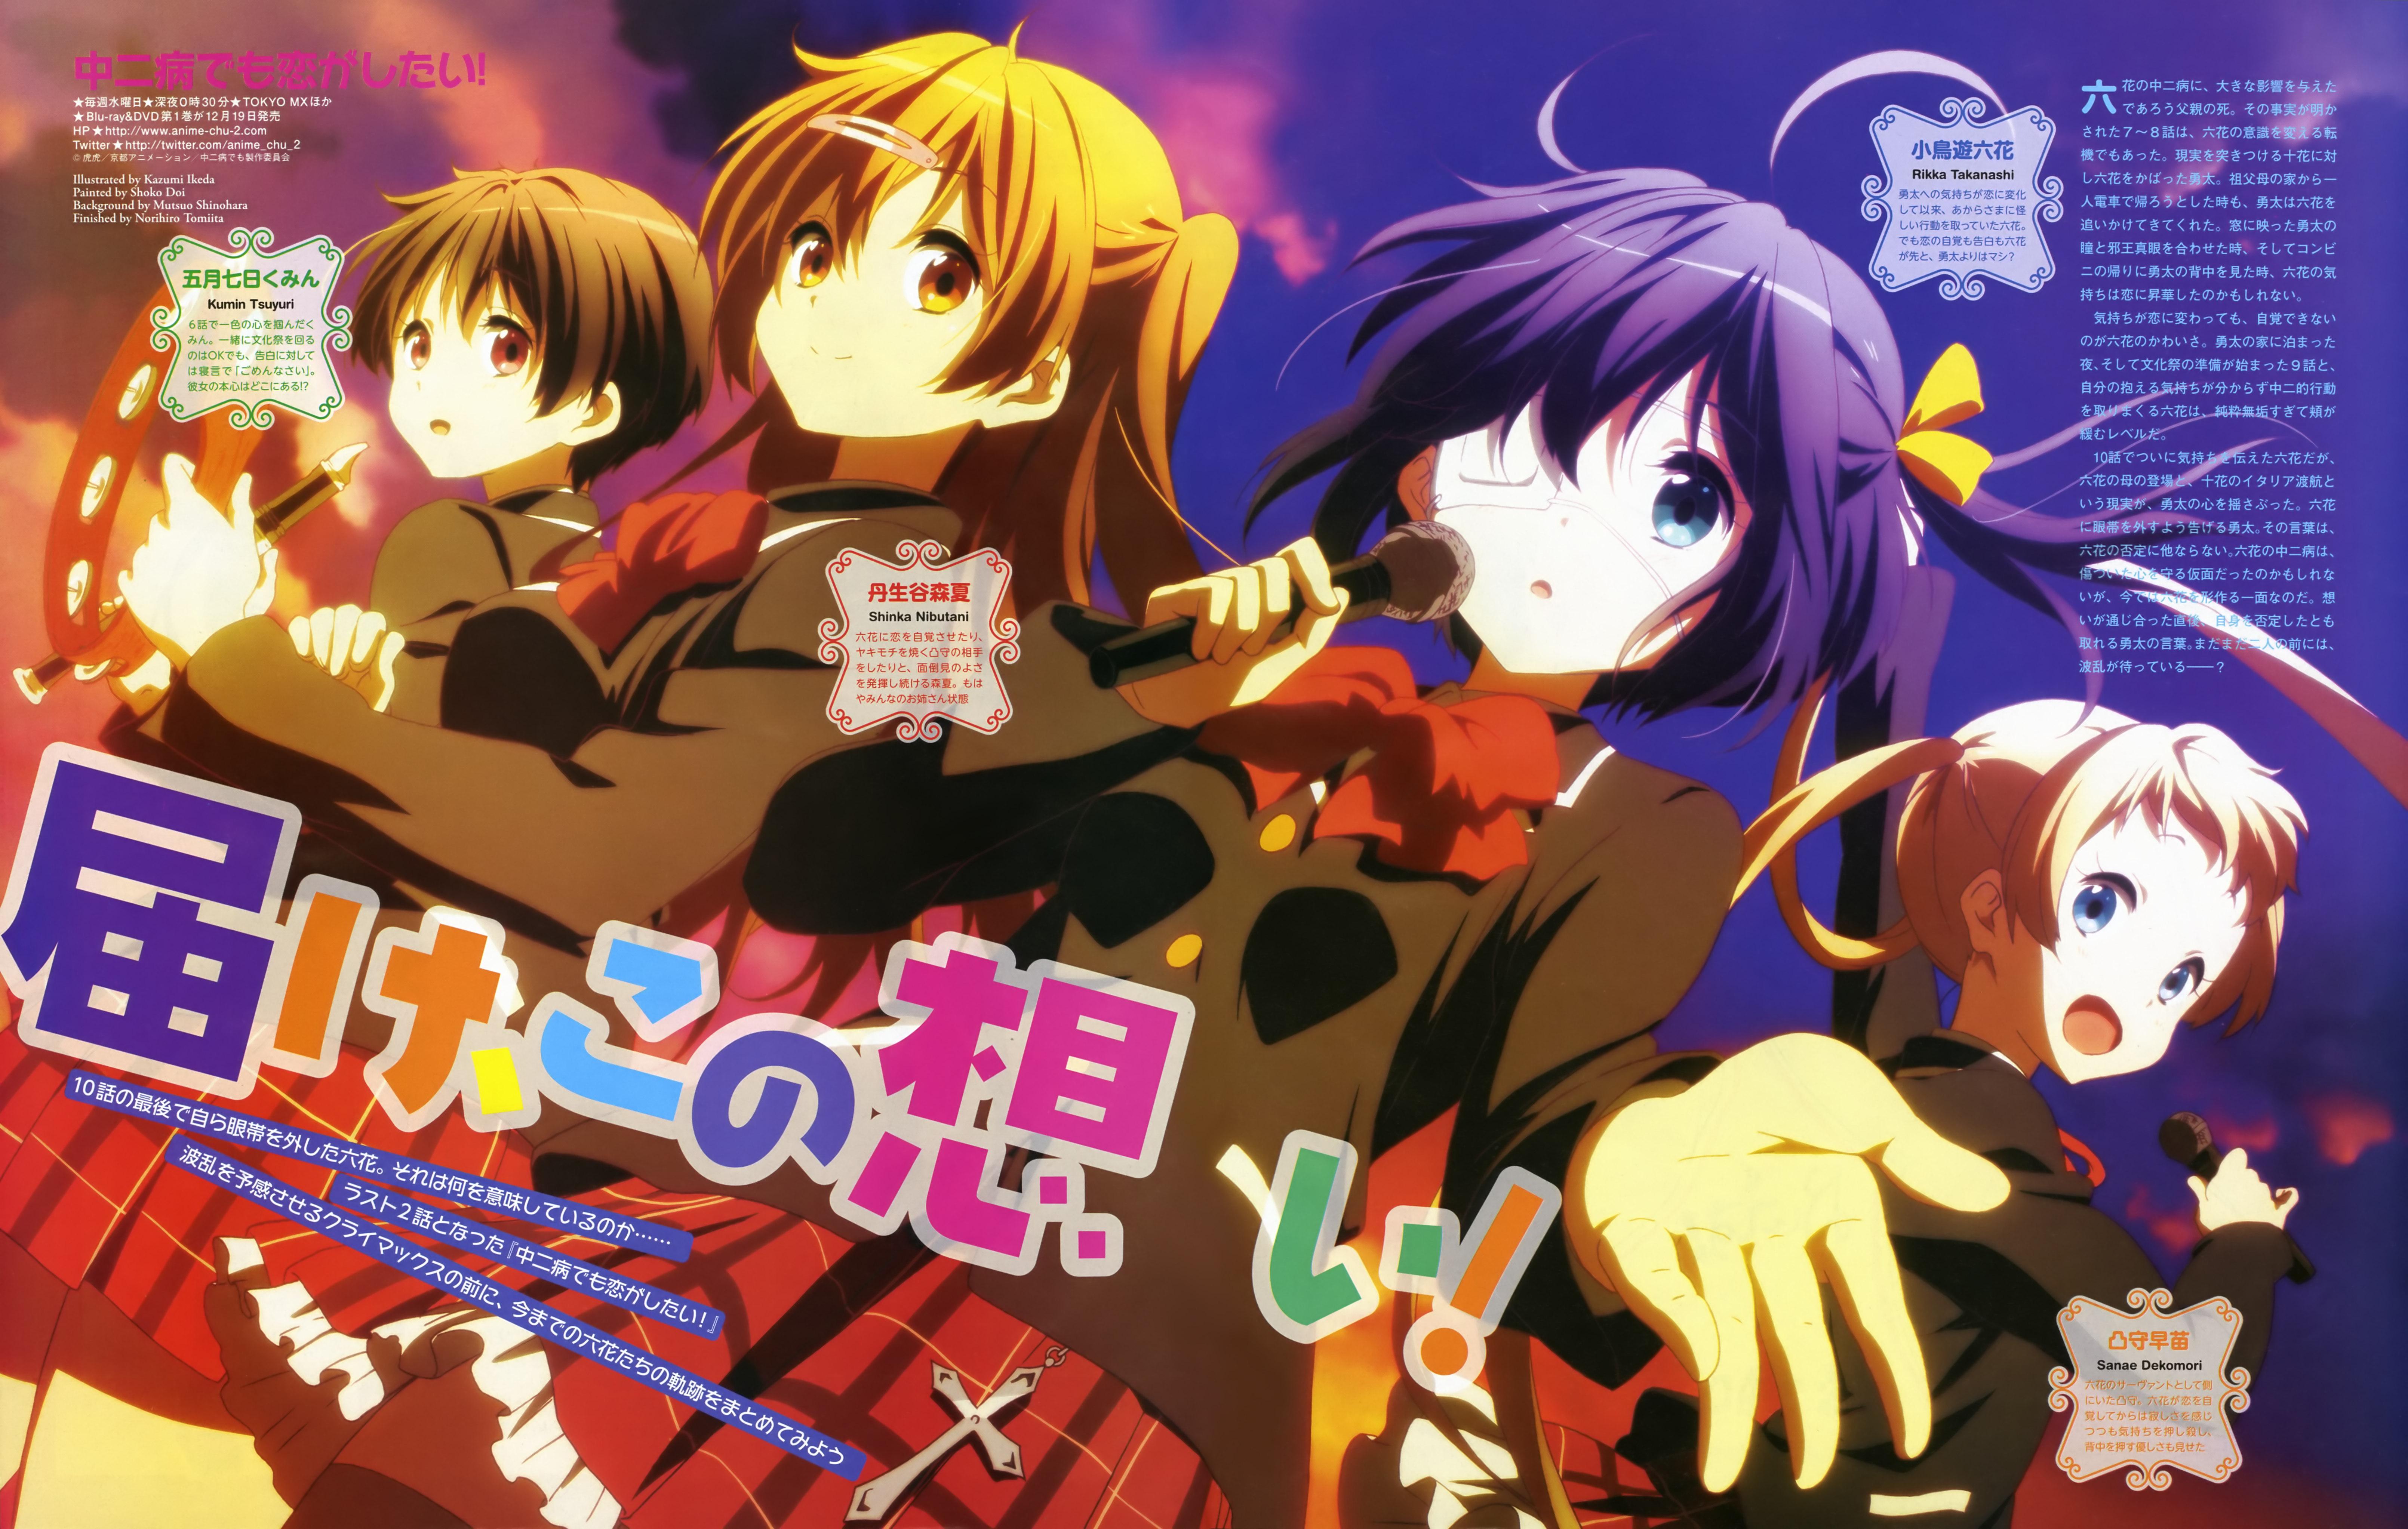 Chuunibyou Demo Koi Ga Shitai!, Anime, Anime Girls